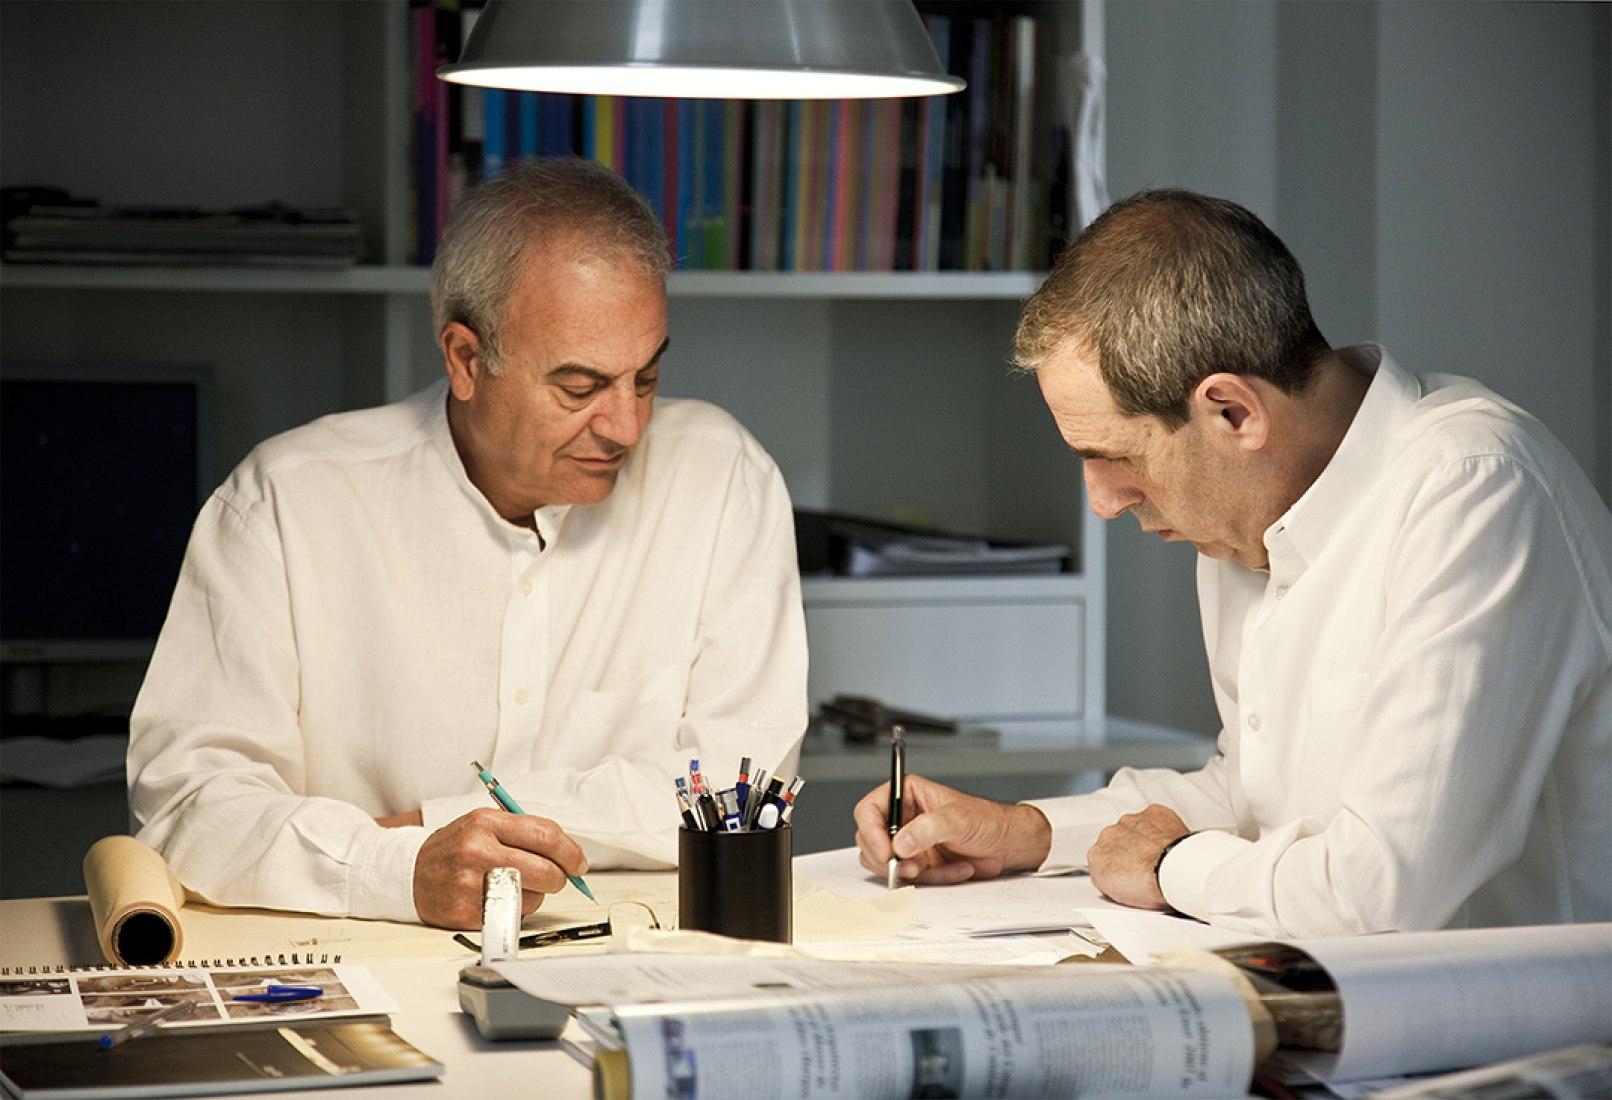 Cruz y Ortiz architects. Retrato. Fotografía © Fernando Alda.